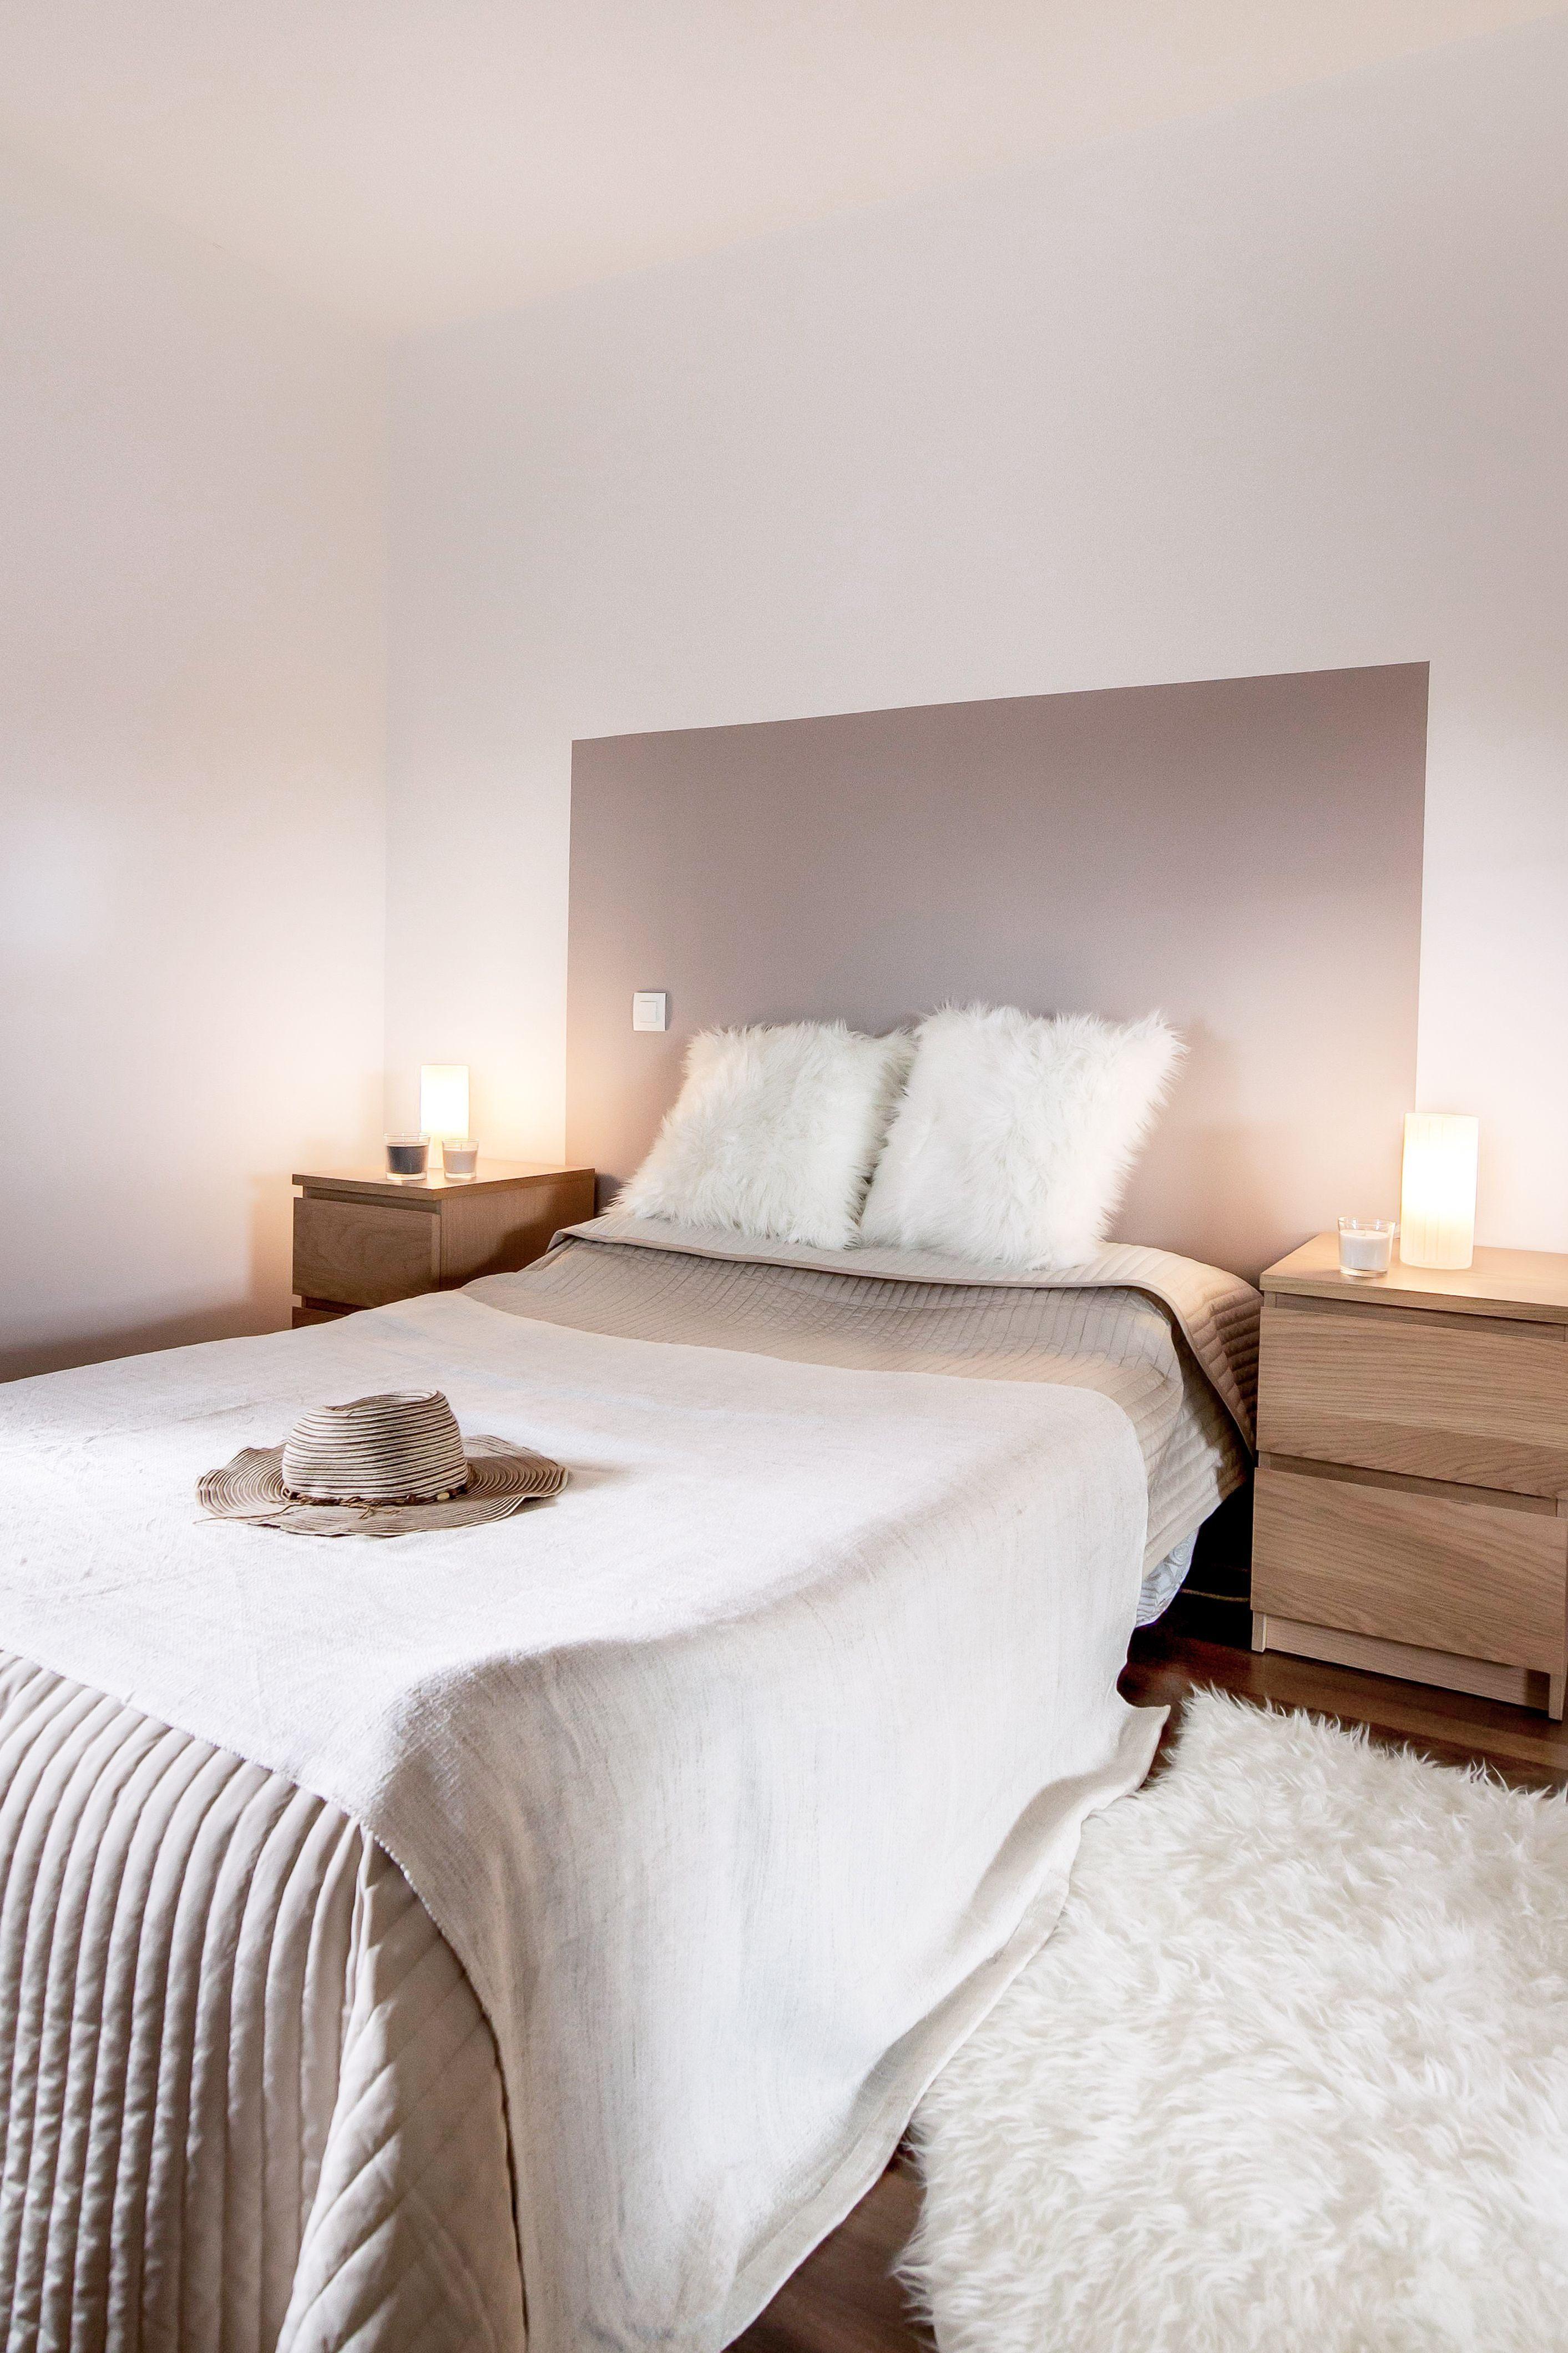 Parure De Lit Ikea Élégant Couette Lit 2 Places Parure De Lit 2 Places Bel Wilde Wellen 0d Neat